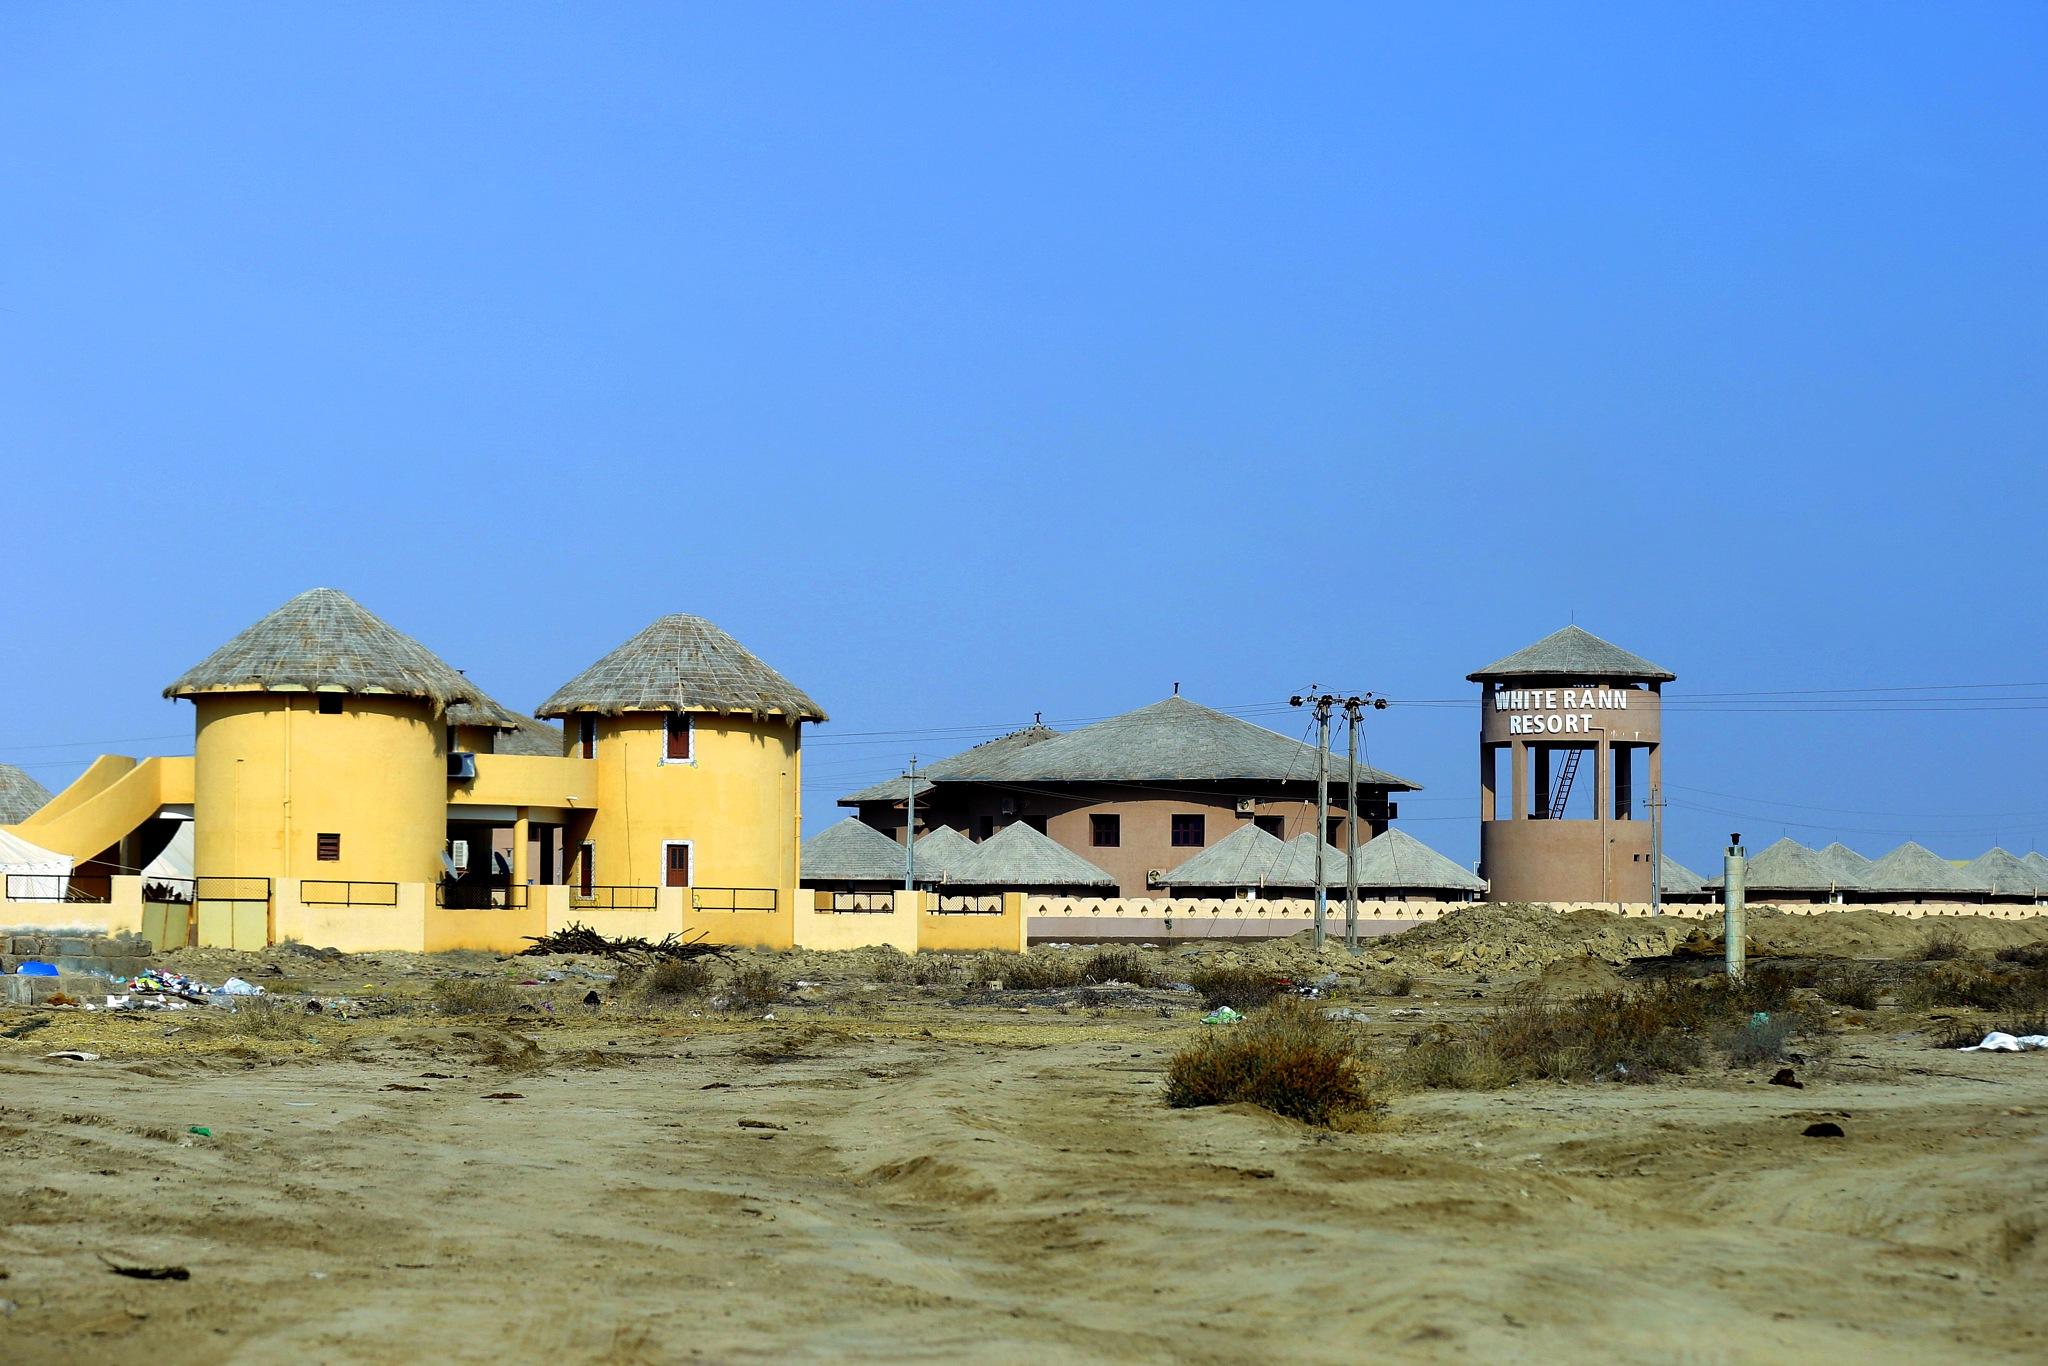 white desert  by Dharmendra patel